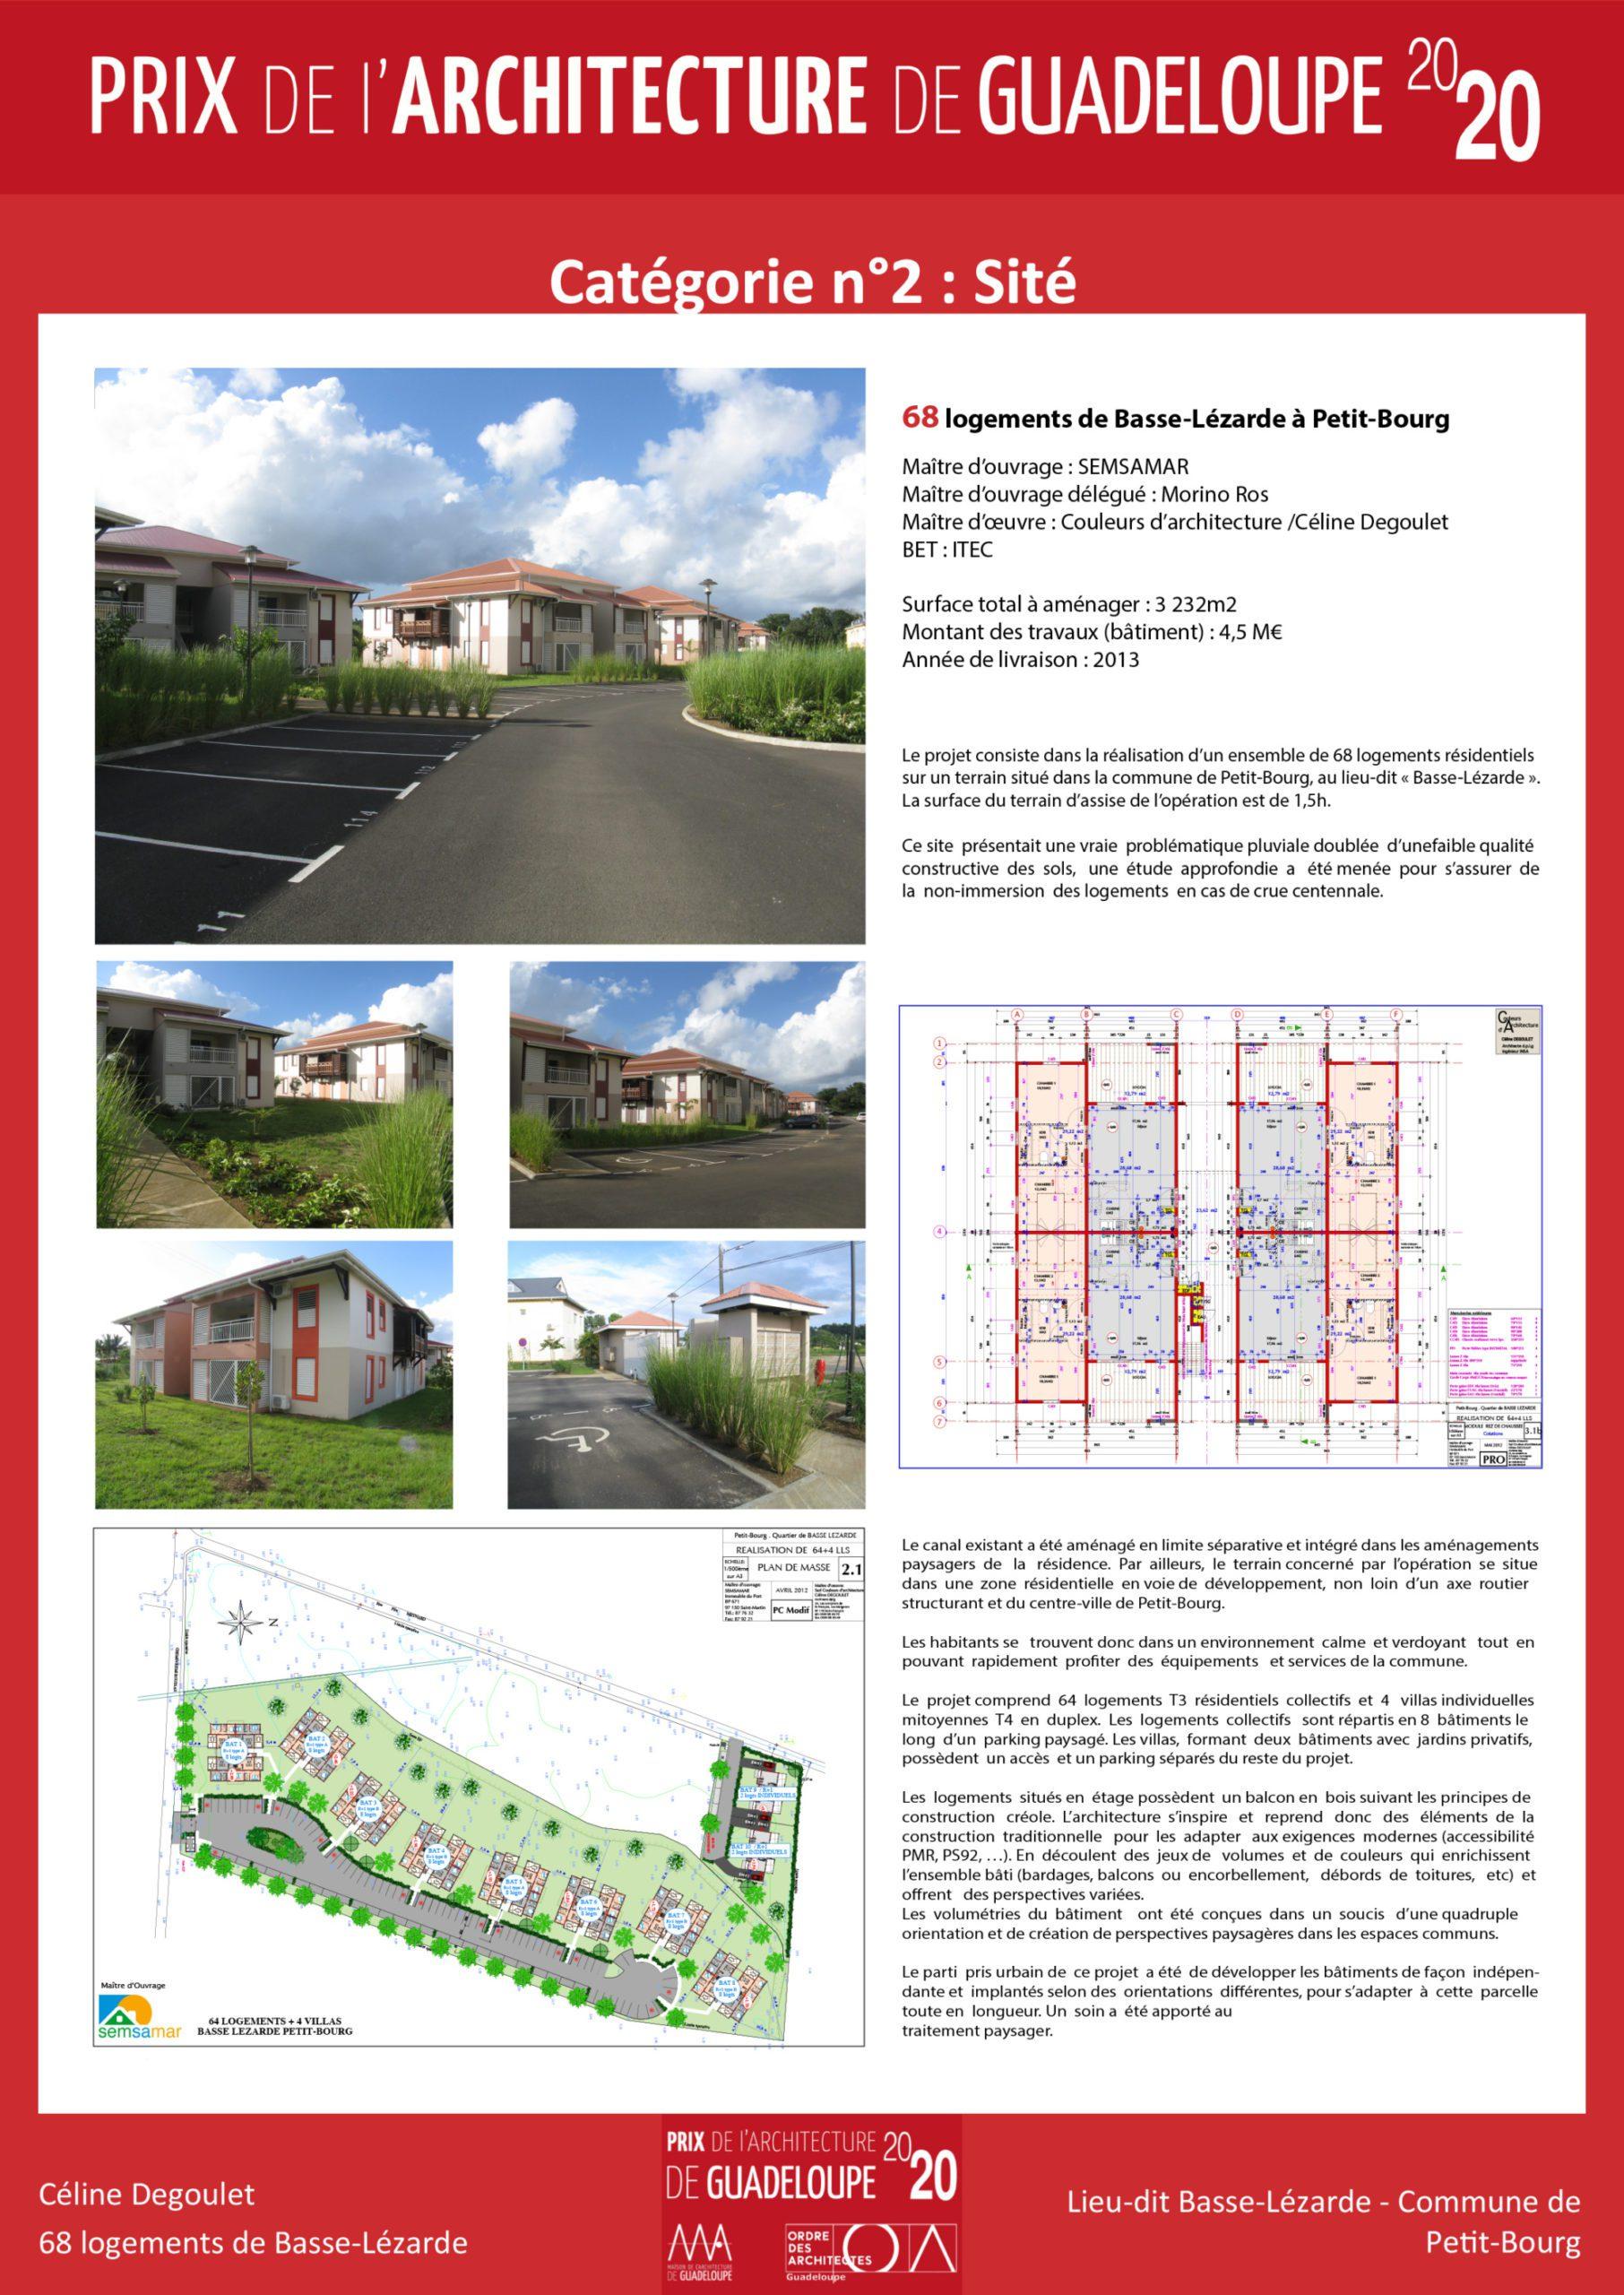 68 logements de Basse-Lézarde (Céline Degoulet)